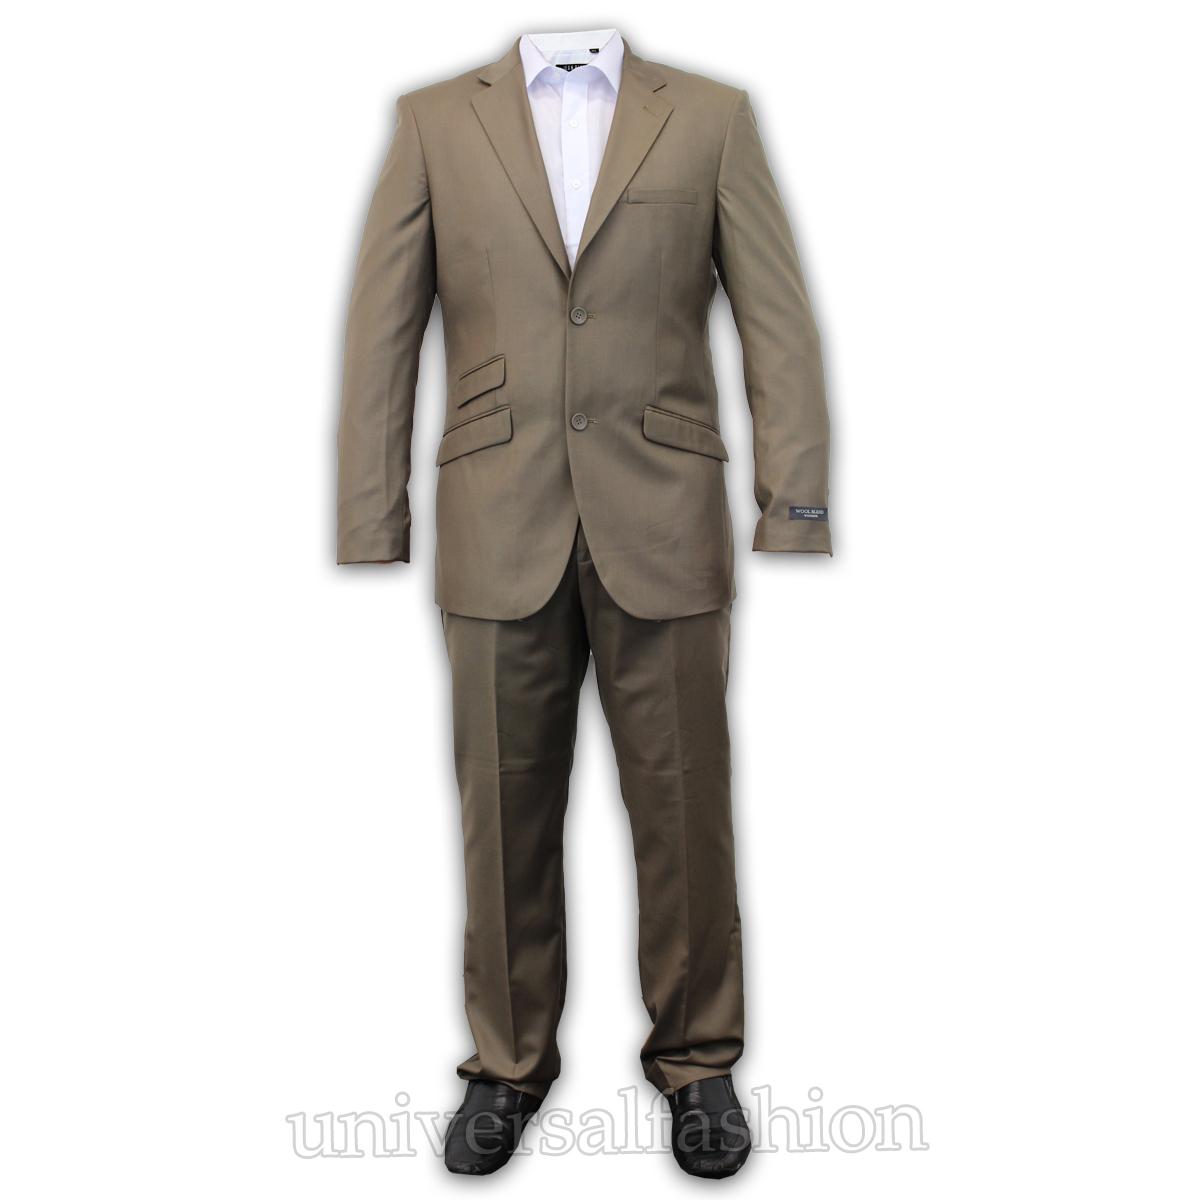 Mens Voeut Blazer Trouser Wool Mix Suit 2 PIECE Pant Coat ...